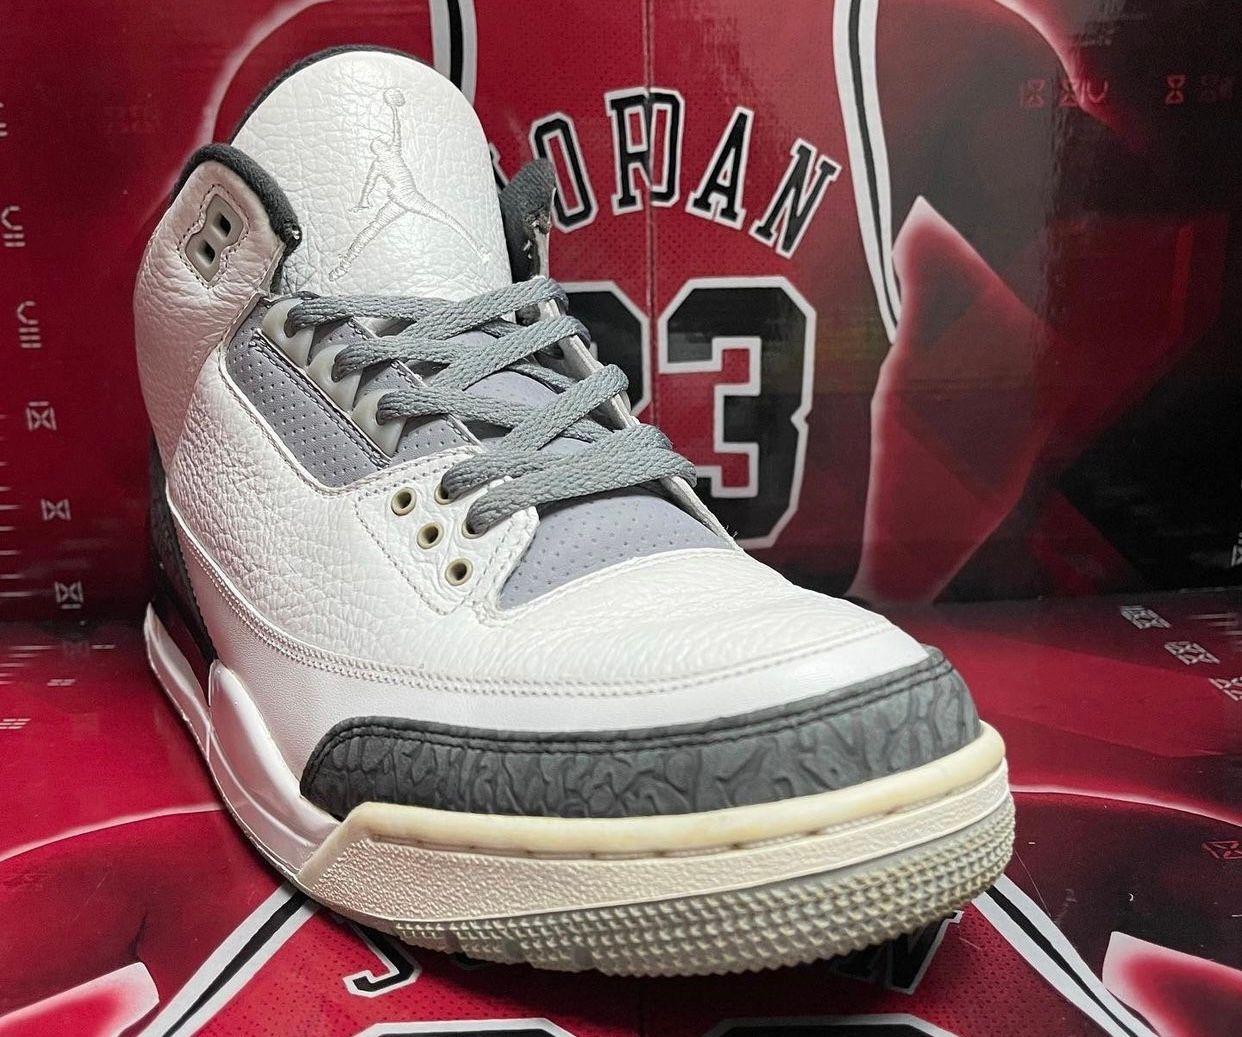 Eminem x Air Jordan 3 2012 Sample